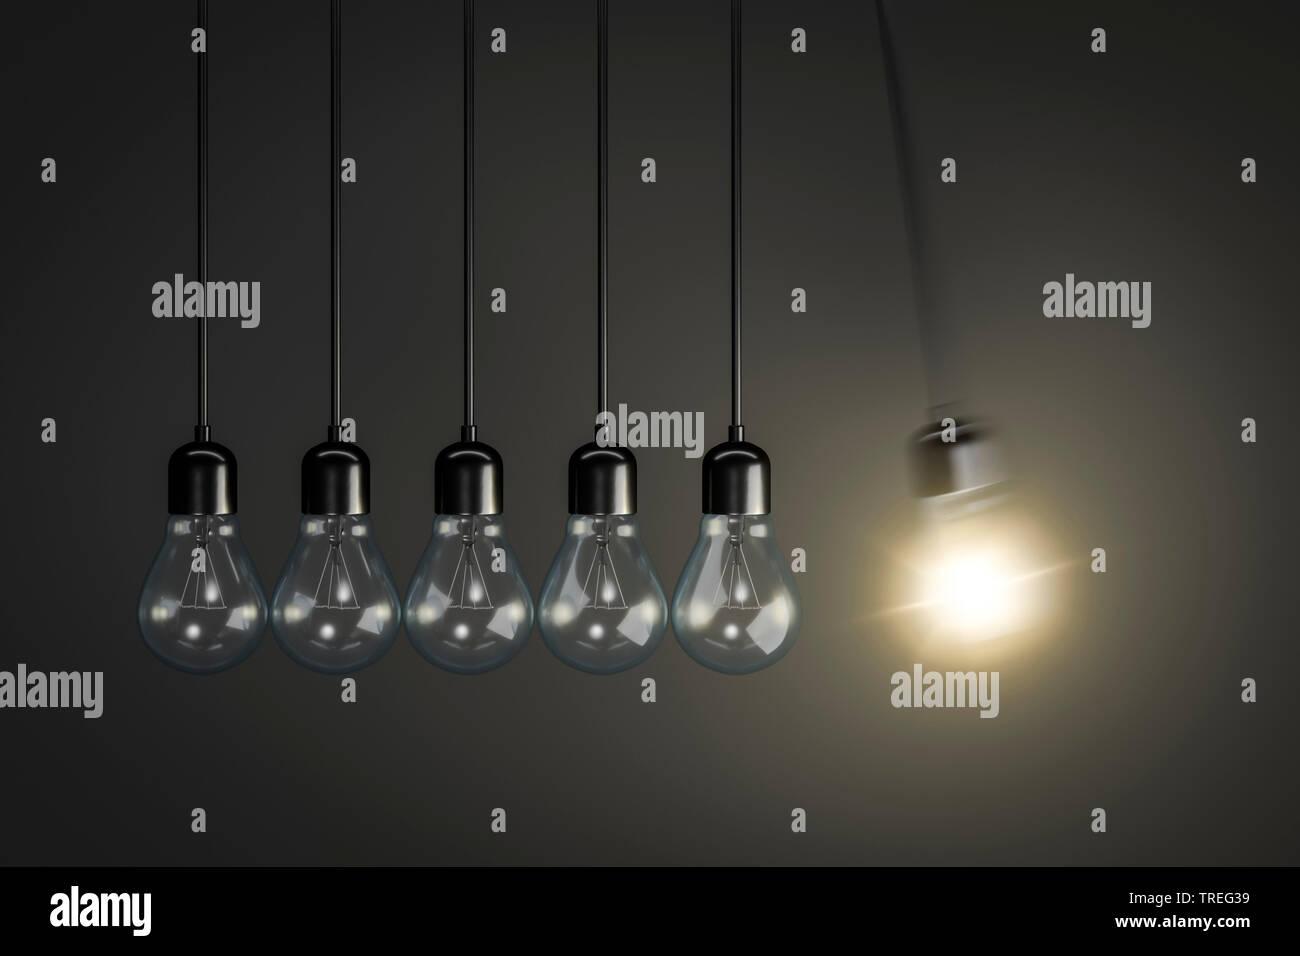 3D-Computergrafik, sechs Gluehbirnen (eine brennend) vor grauem Hintergrund   3D computer graphic, six pendant lamps (one lighted) against grey backgr - Stock Image